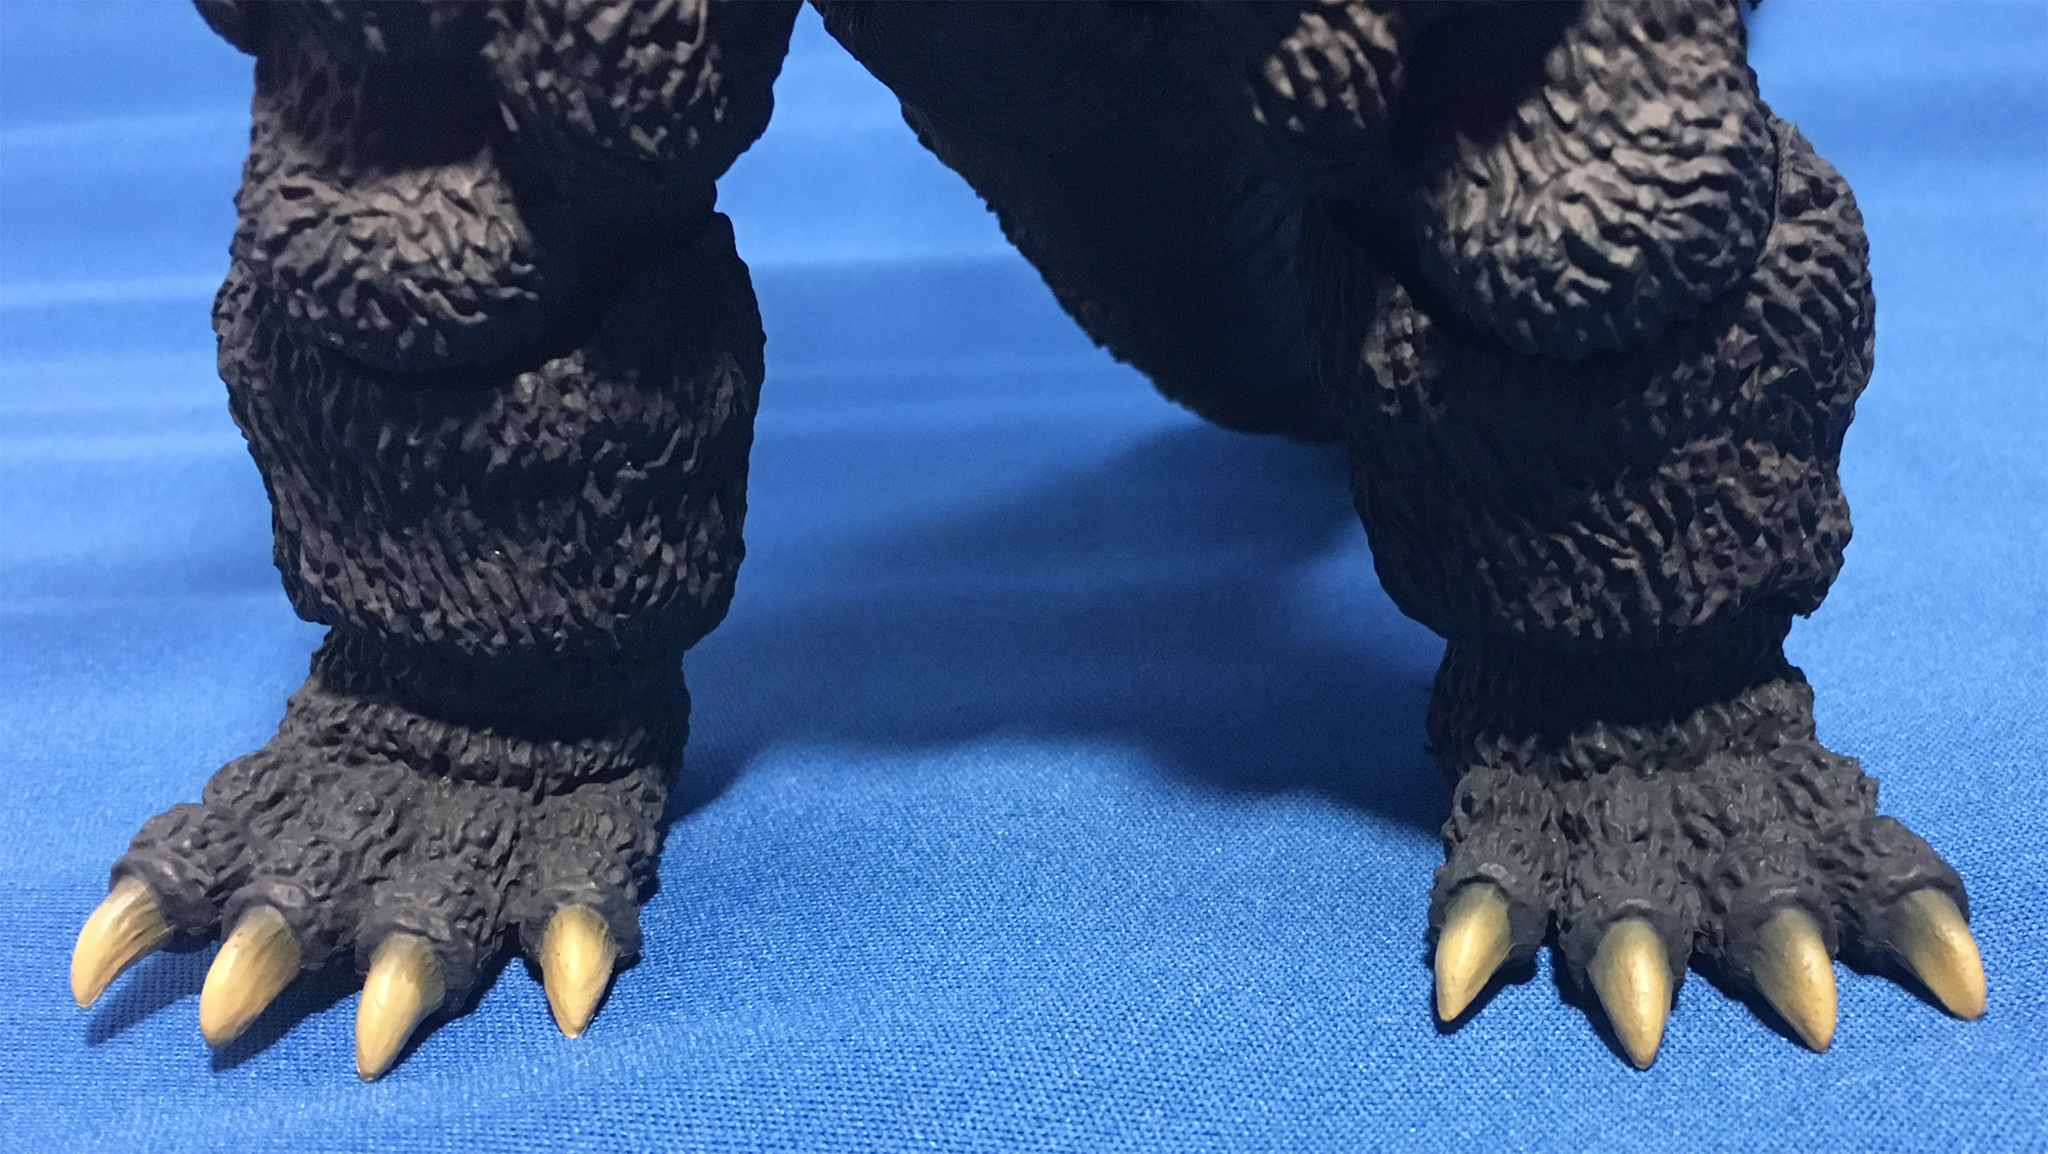 足の爪の塗装はかなり個体差があるらしい